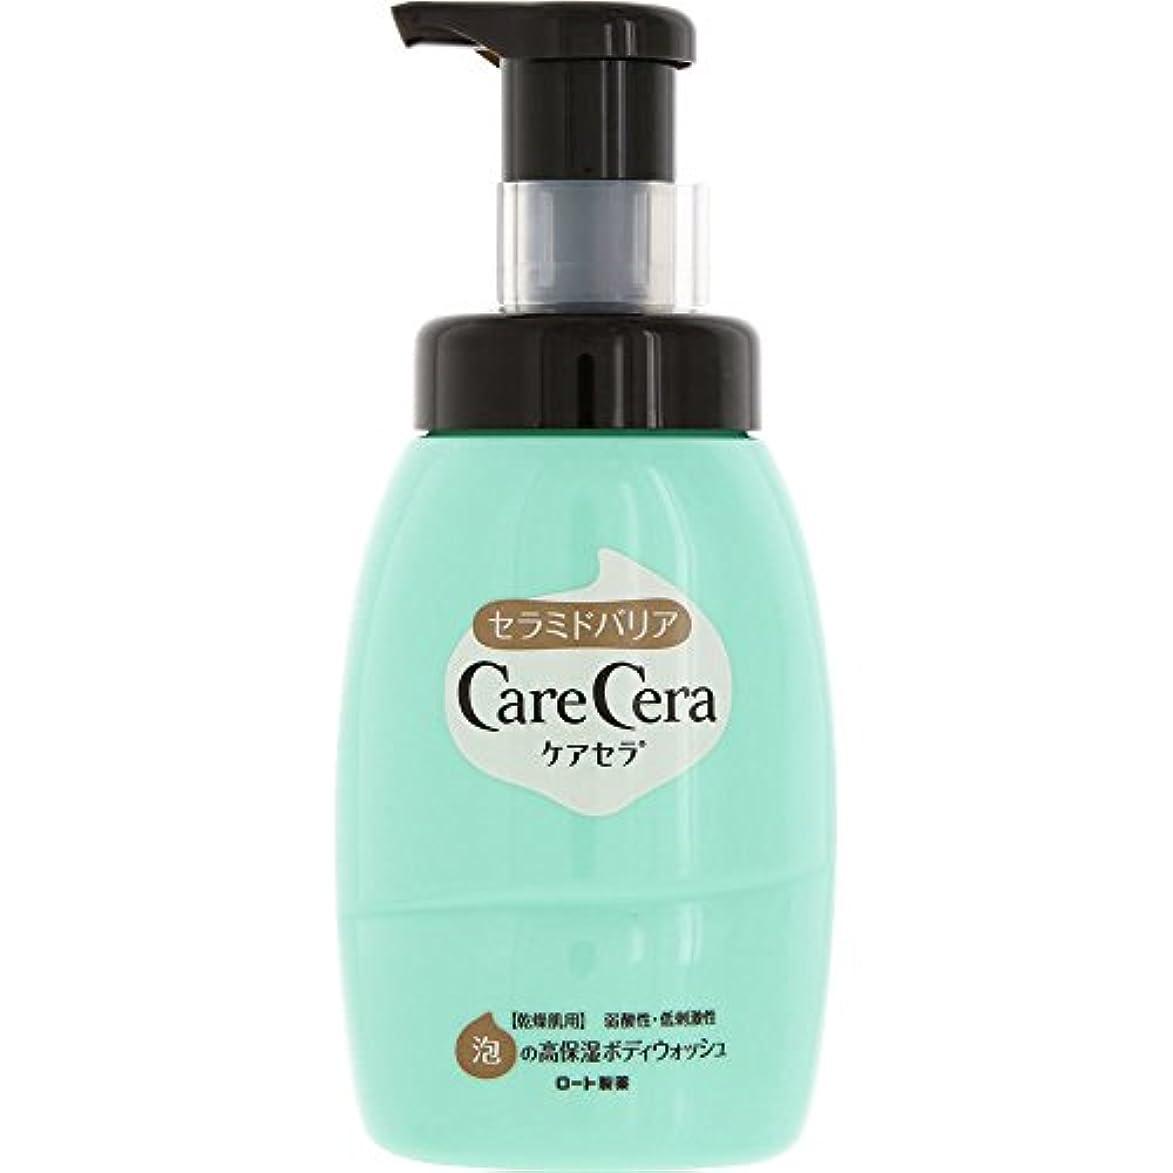 辞任する悲鳴アリケアセラ(CareCera) ロート製薬 ケアセラ  天然型セラミド7種配合 セラミド濃度10倍泡の高保湿 全身ボディウォッシュ ピュアフローラルの香り お試し企画品 300mL